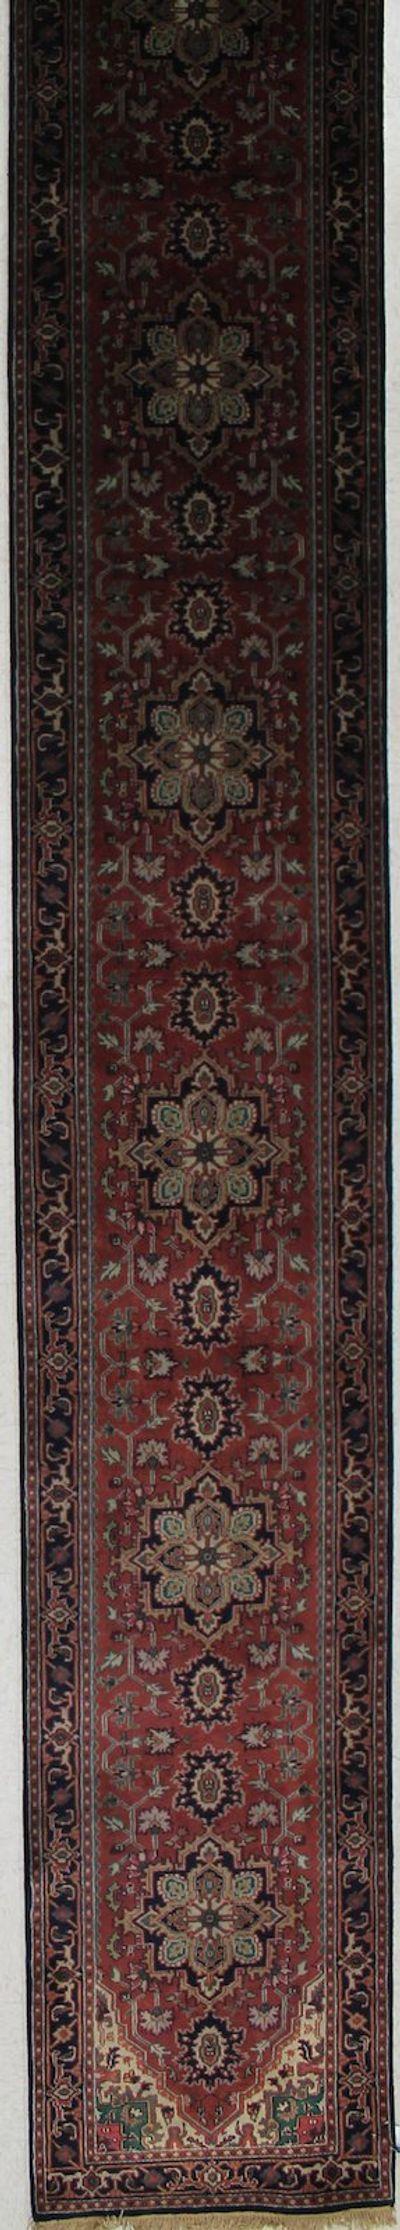 Rust Tabriz Rug #2348 • 2′7″ x 19′8″ • 100% Wool